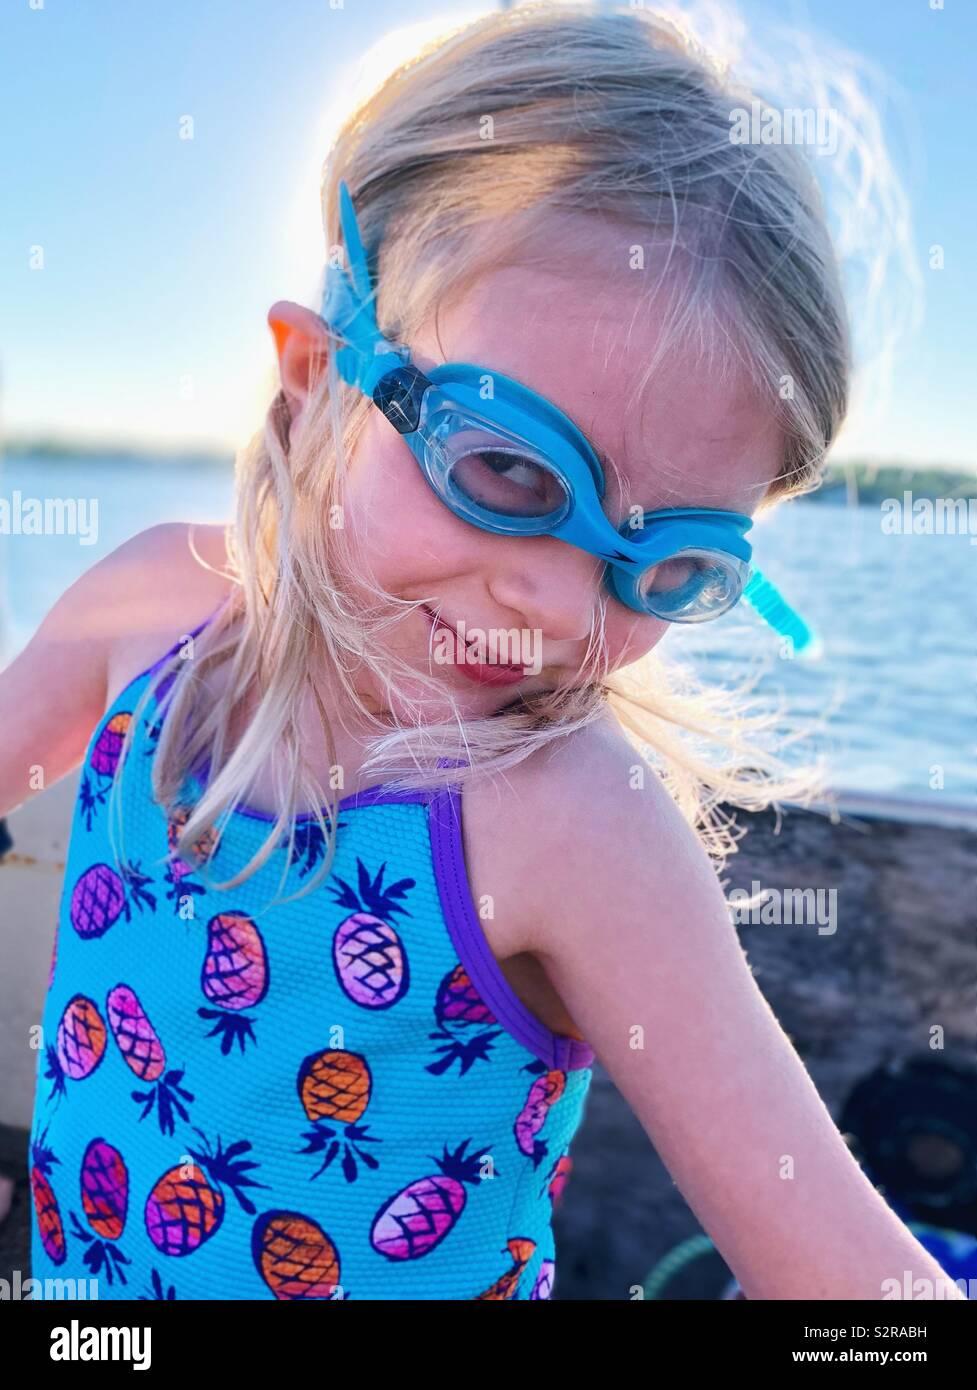 Jeune fille blonde portant des lunettes de natation bleu et un maillot de bain au bord du lac. Banque D'Images